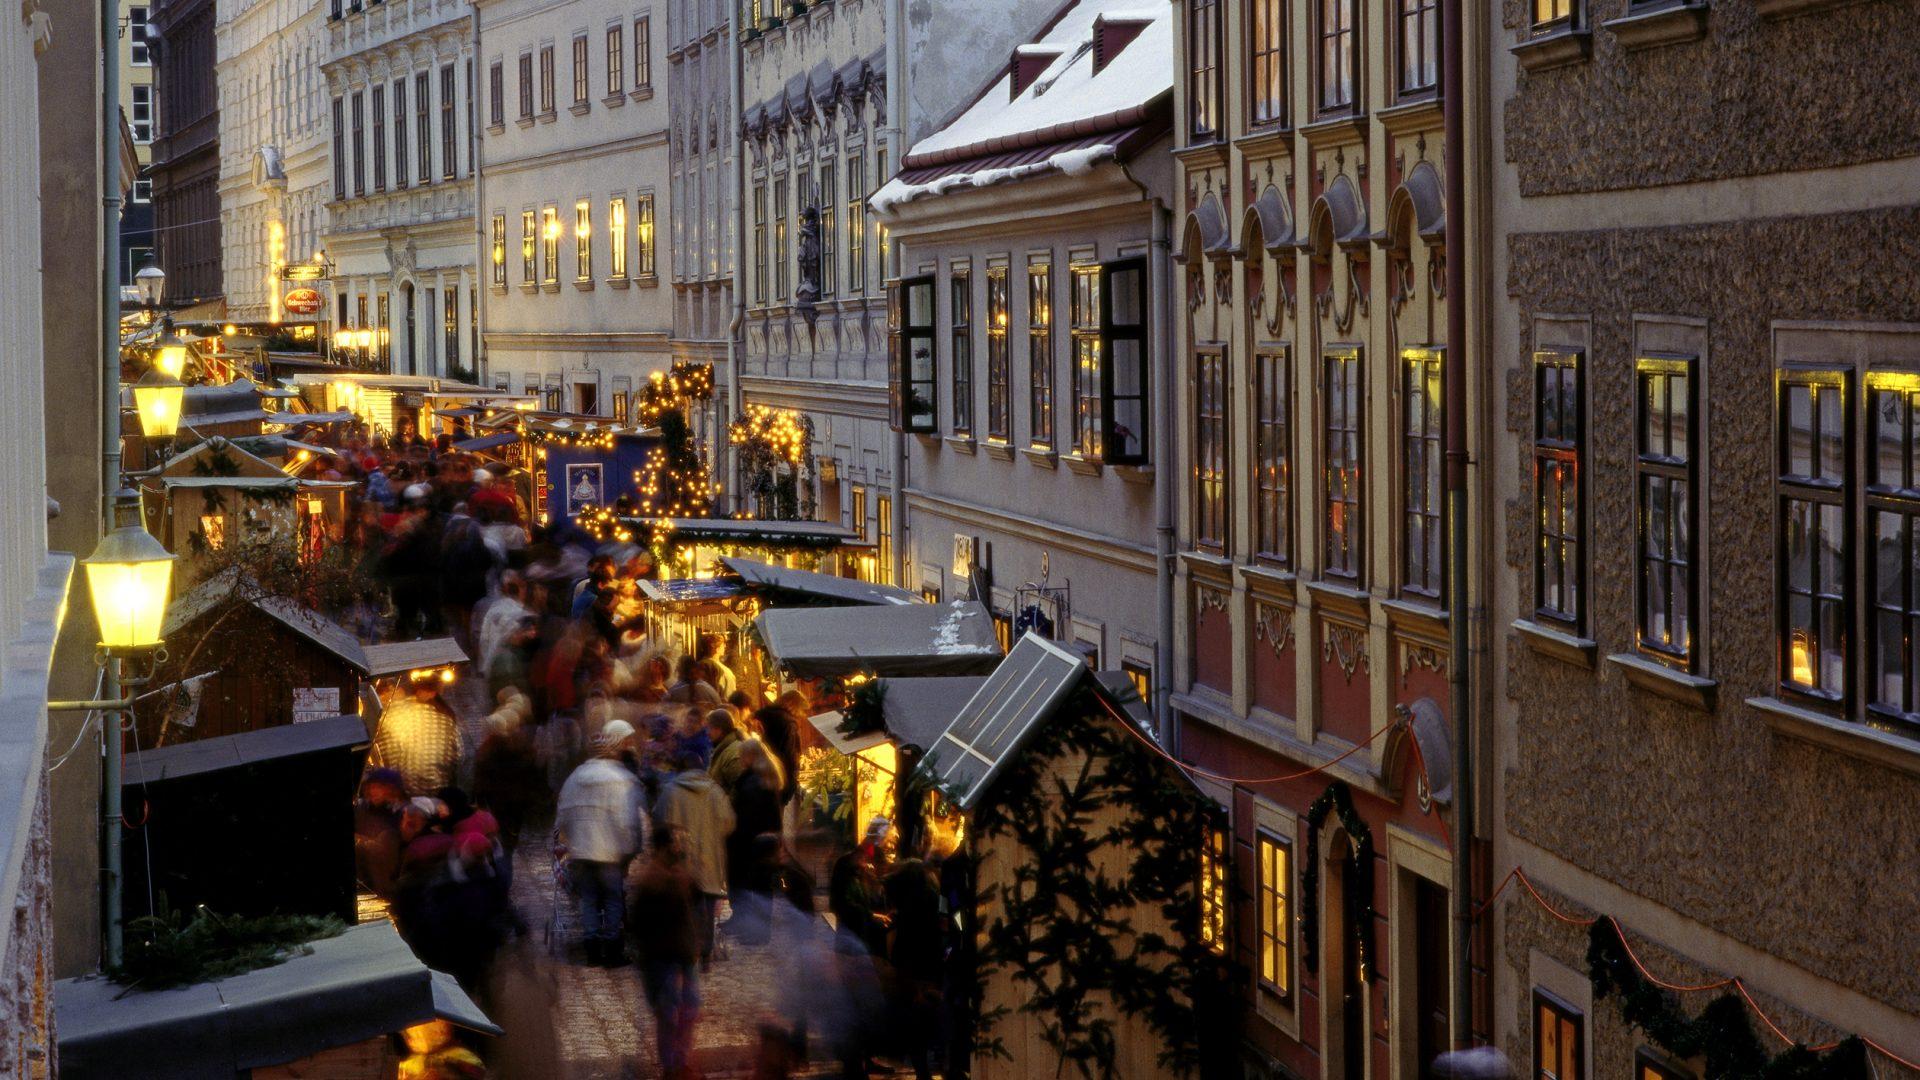 Sans Souci Wien Christkindmarkt weihnachtsmarkt Spitelberg